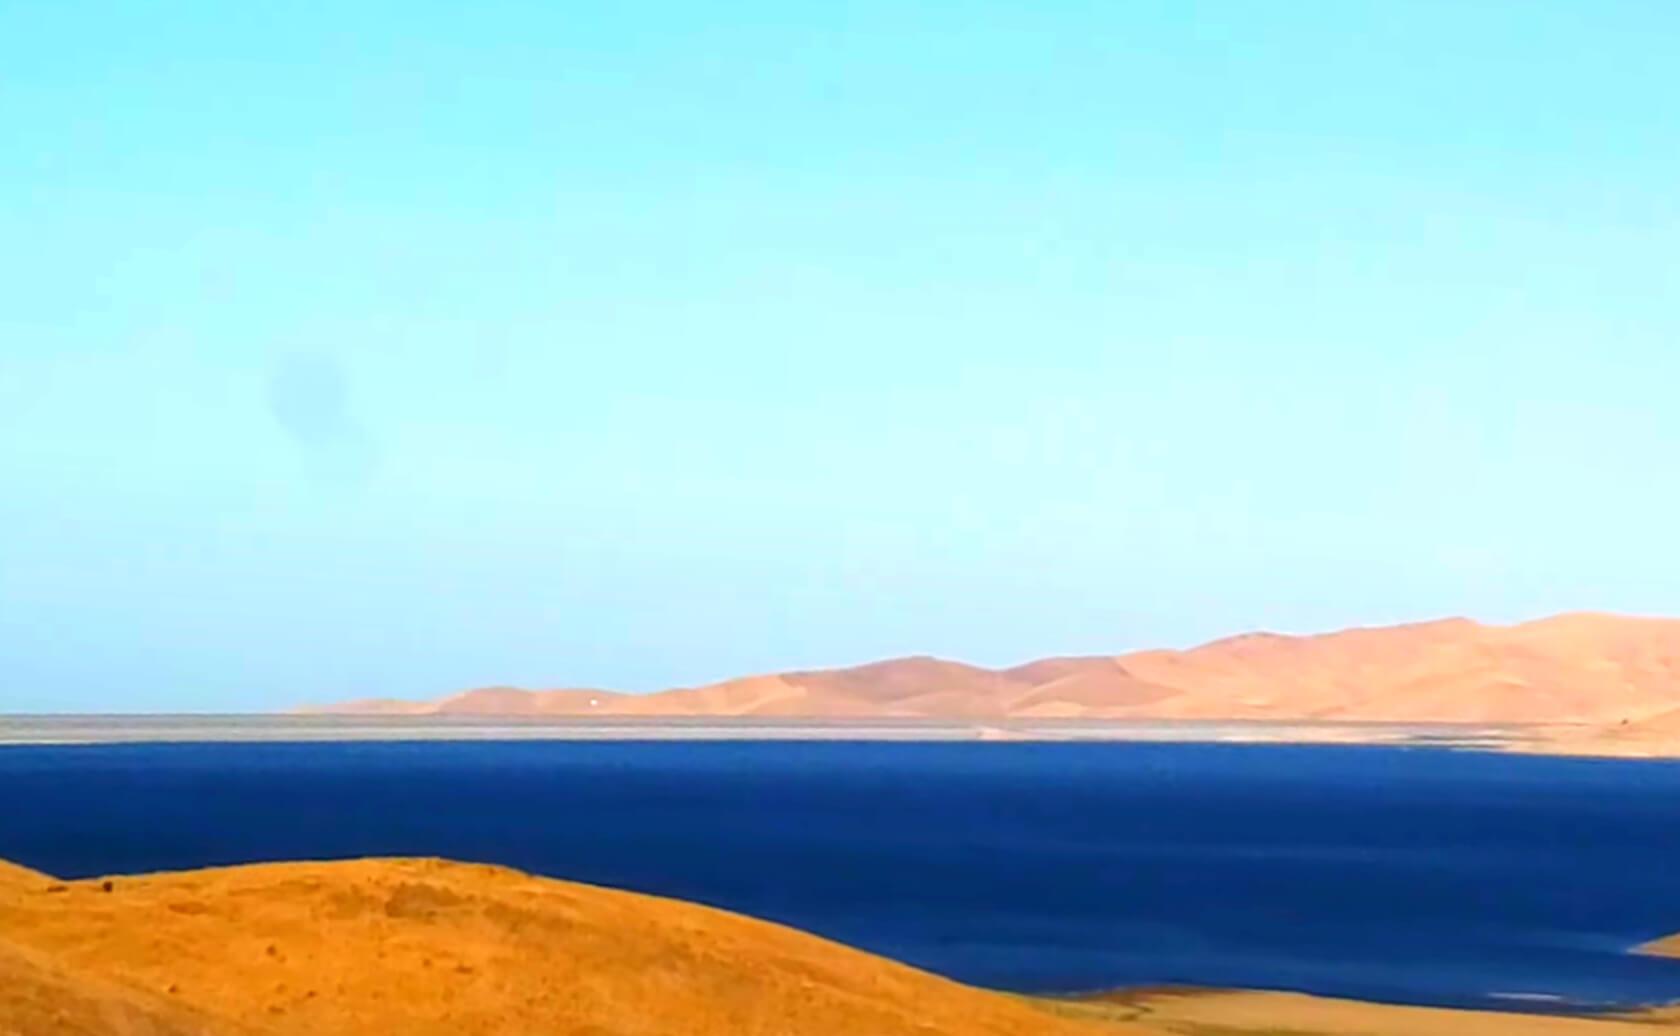 San-Luis-Lake-Fishing-Guide-Report-California-03